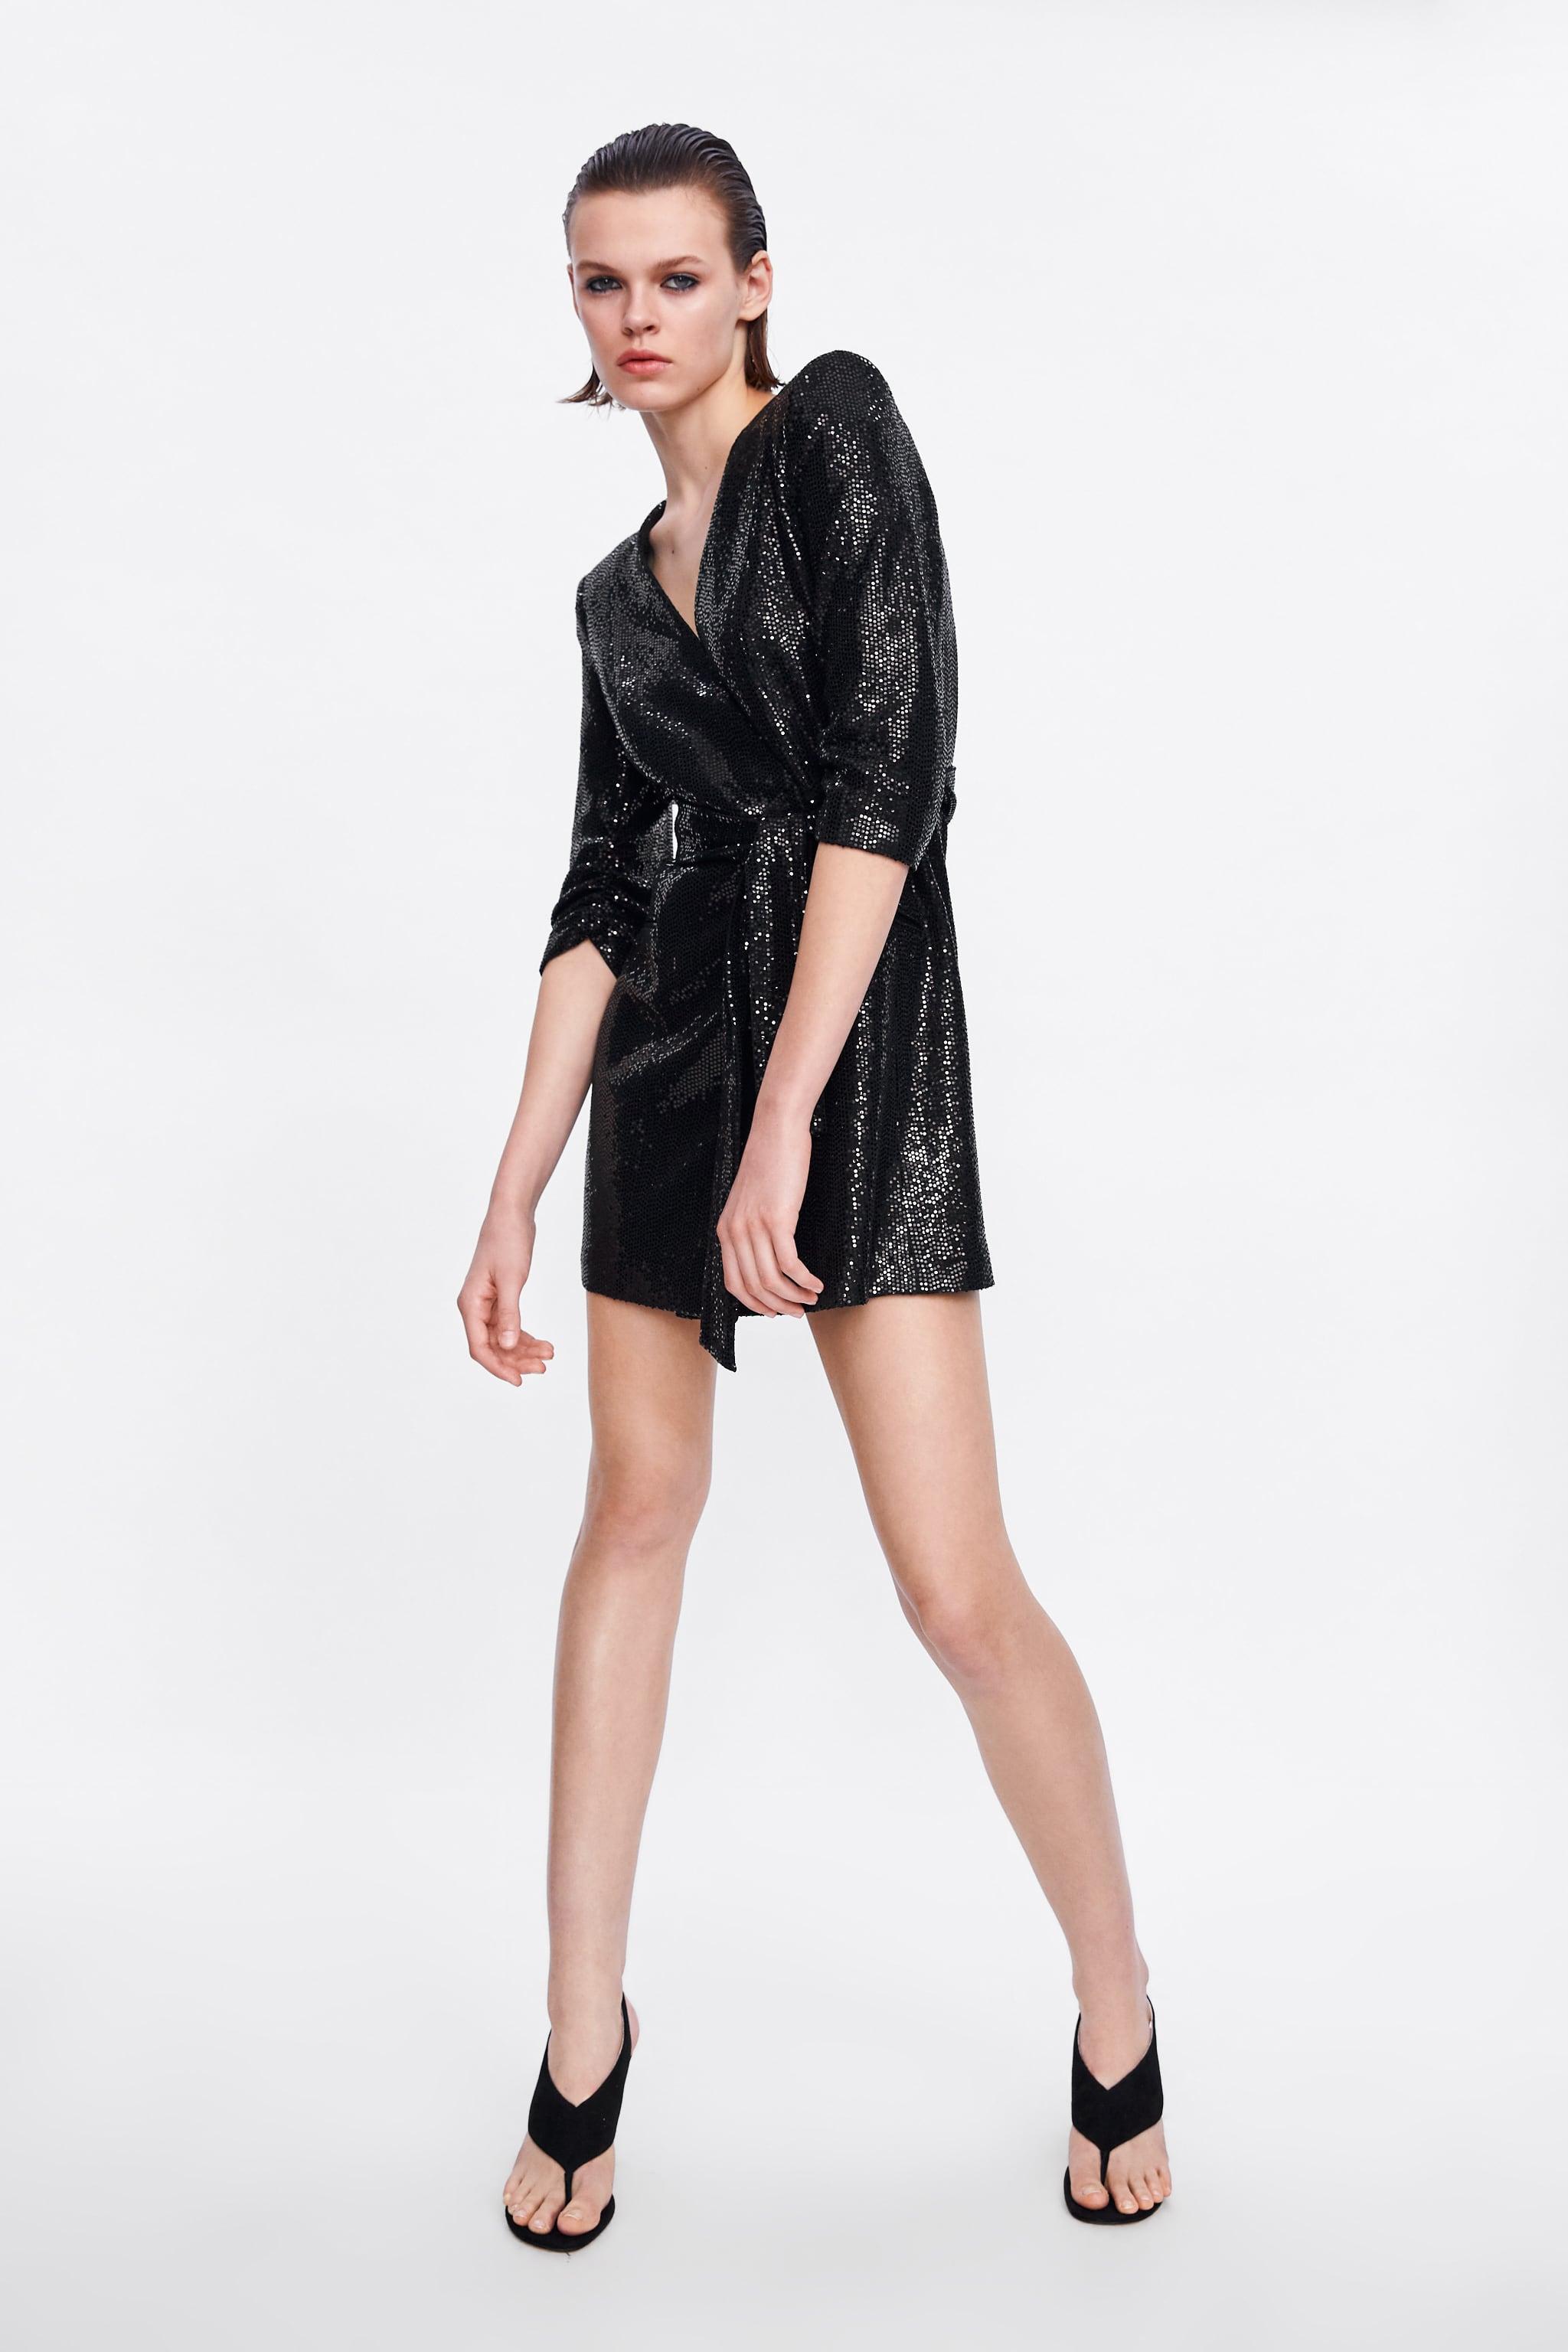 Zara SHINY BLAZER DRESS